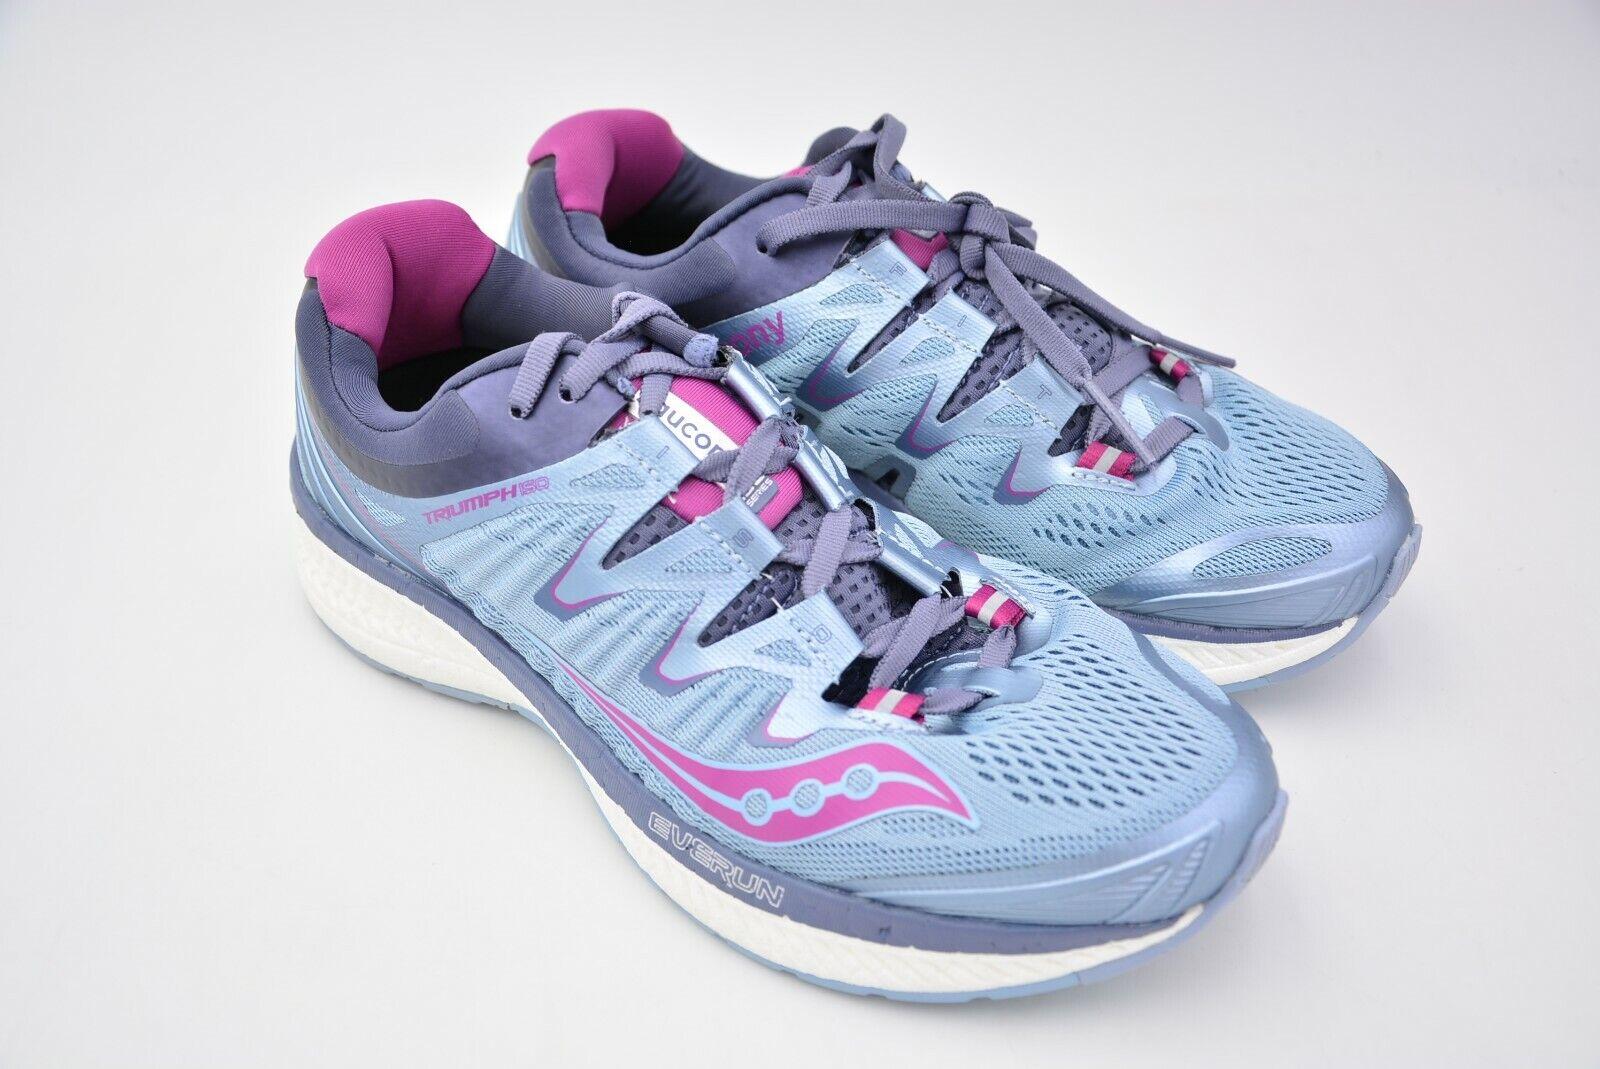 96c5b47b0d9 Saucony Triumph ISO 4 correr para mujer de Niebla gris Púrpura Tamaño nos 7  UE 38